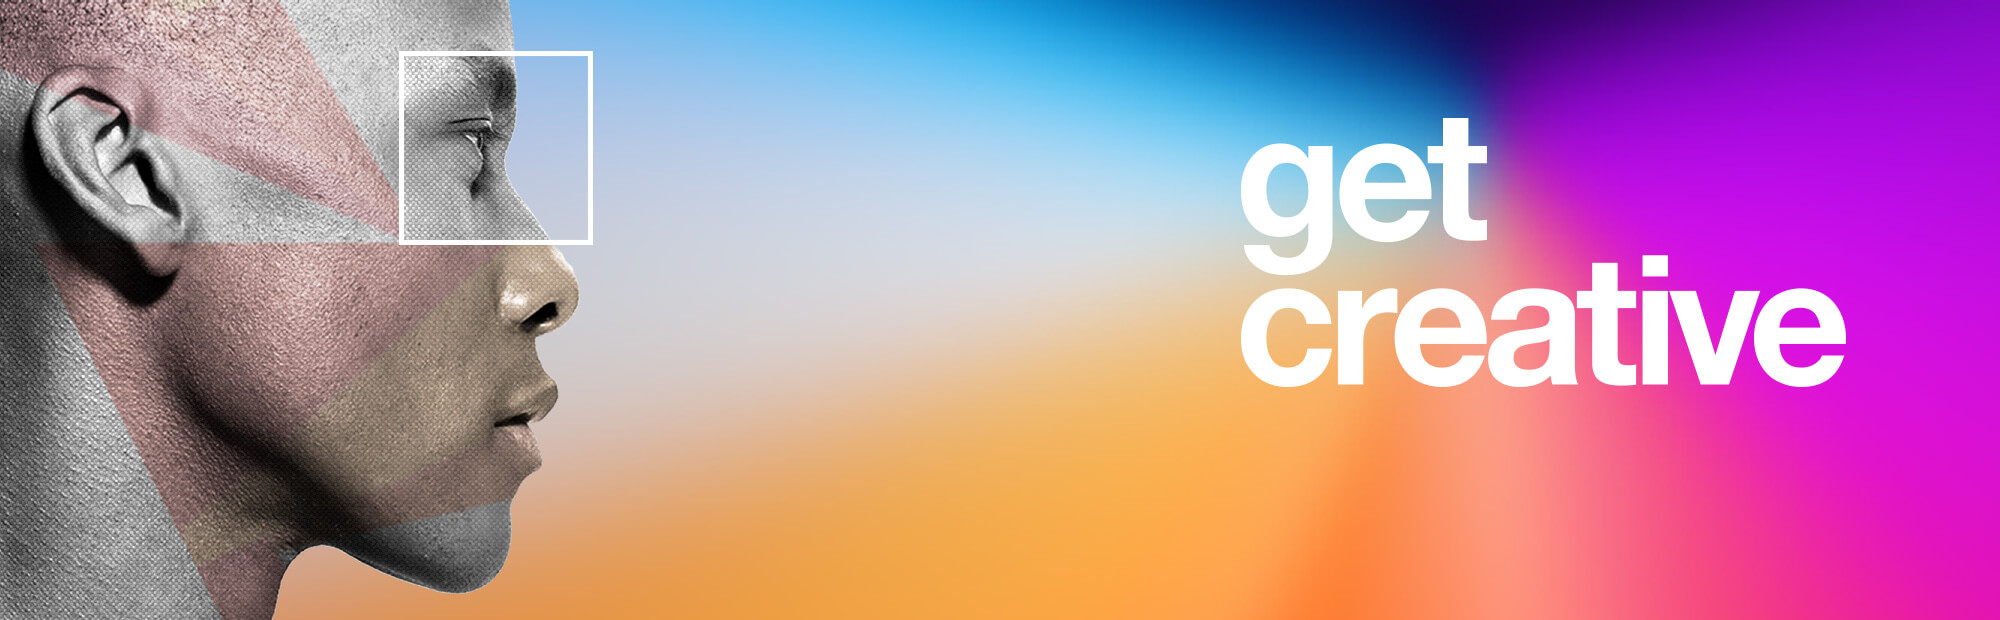 OfG Online-Schule für Gestaltung; get creative